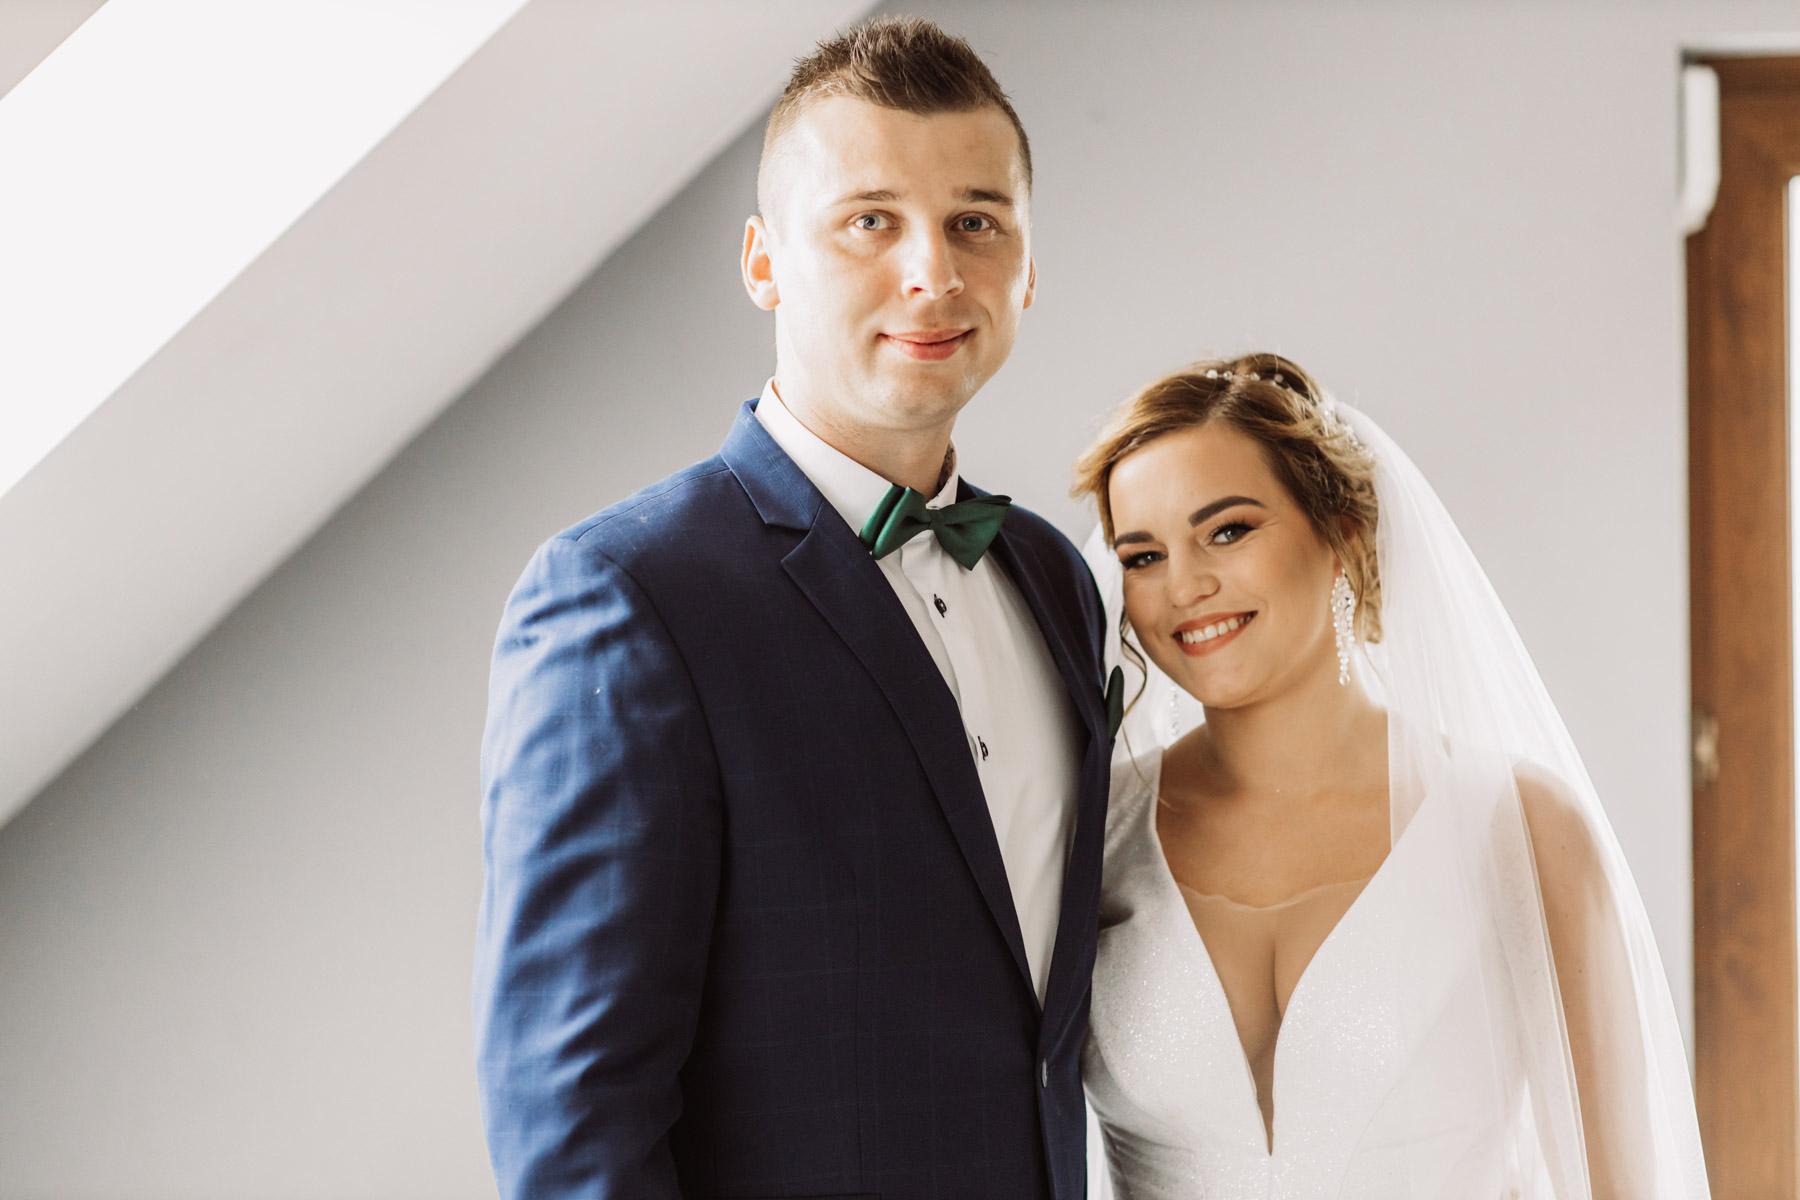 krfotofilm-Lubuskie-Sulechów-Świebodzin-Zielona Góra-41